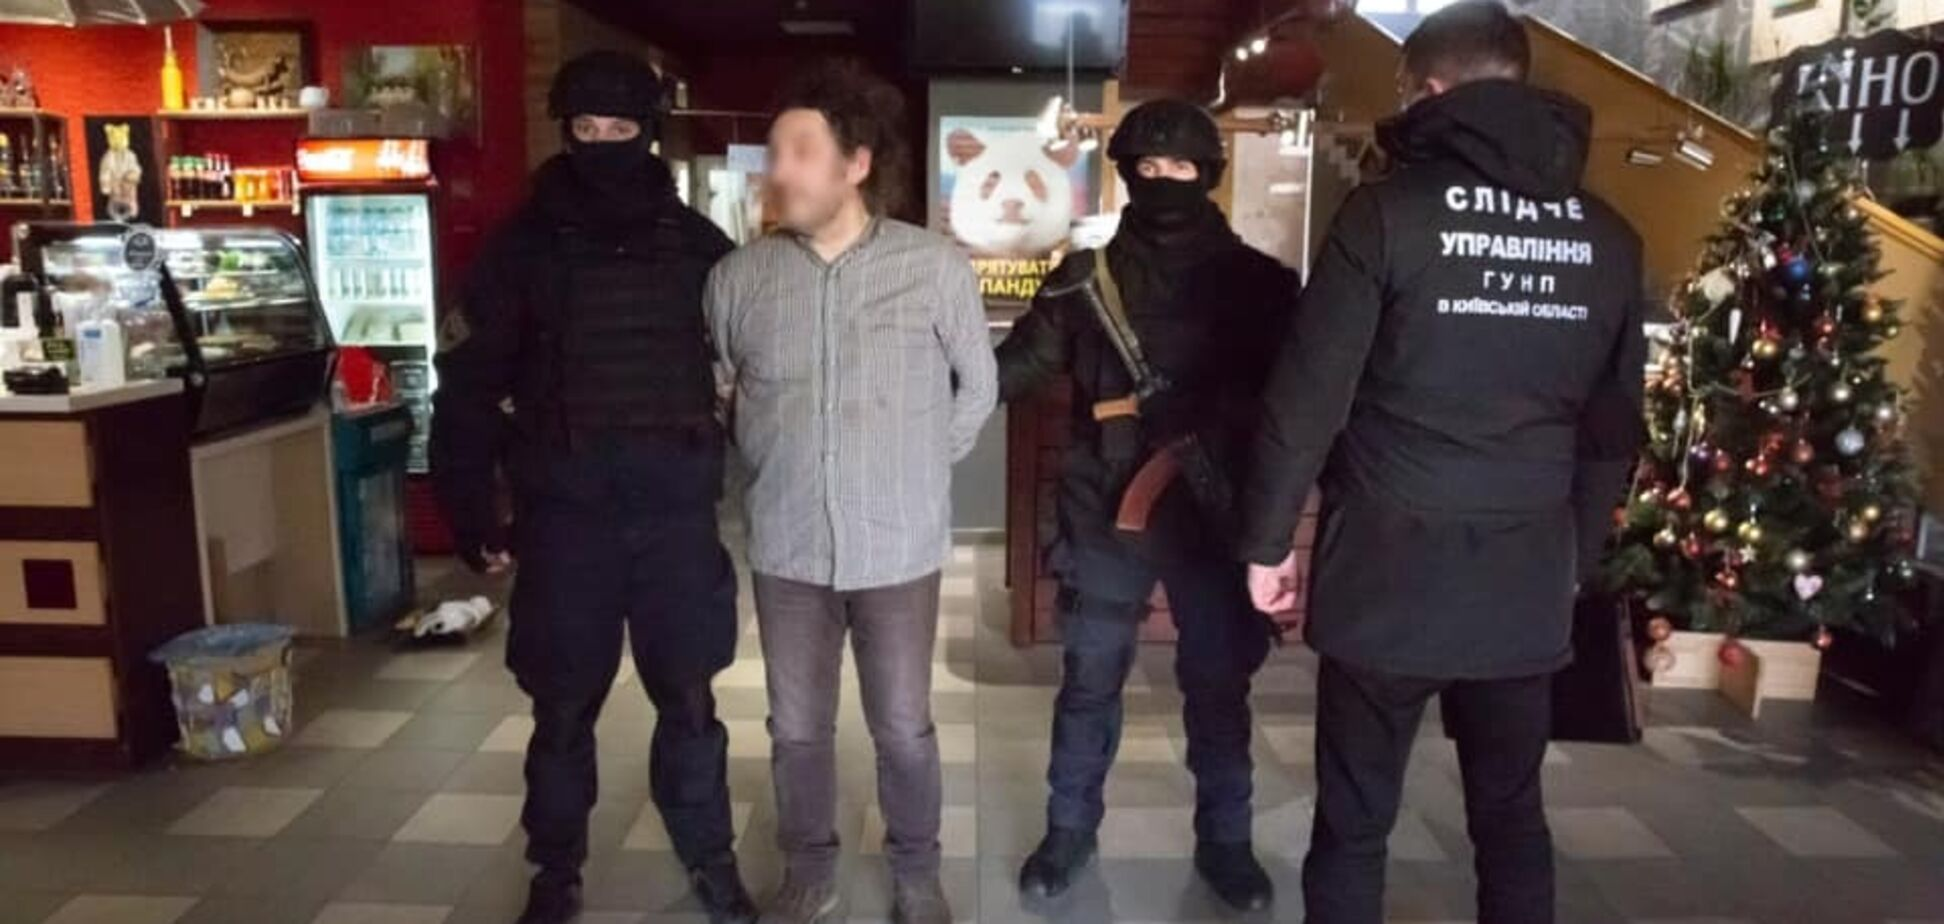 З'явилося відео затримання українського фотографа, підозрюваного в розбещенні малолітніх